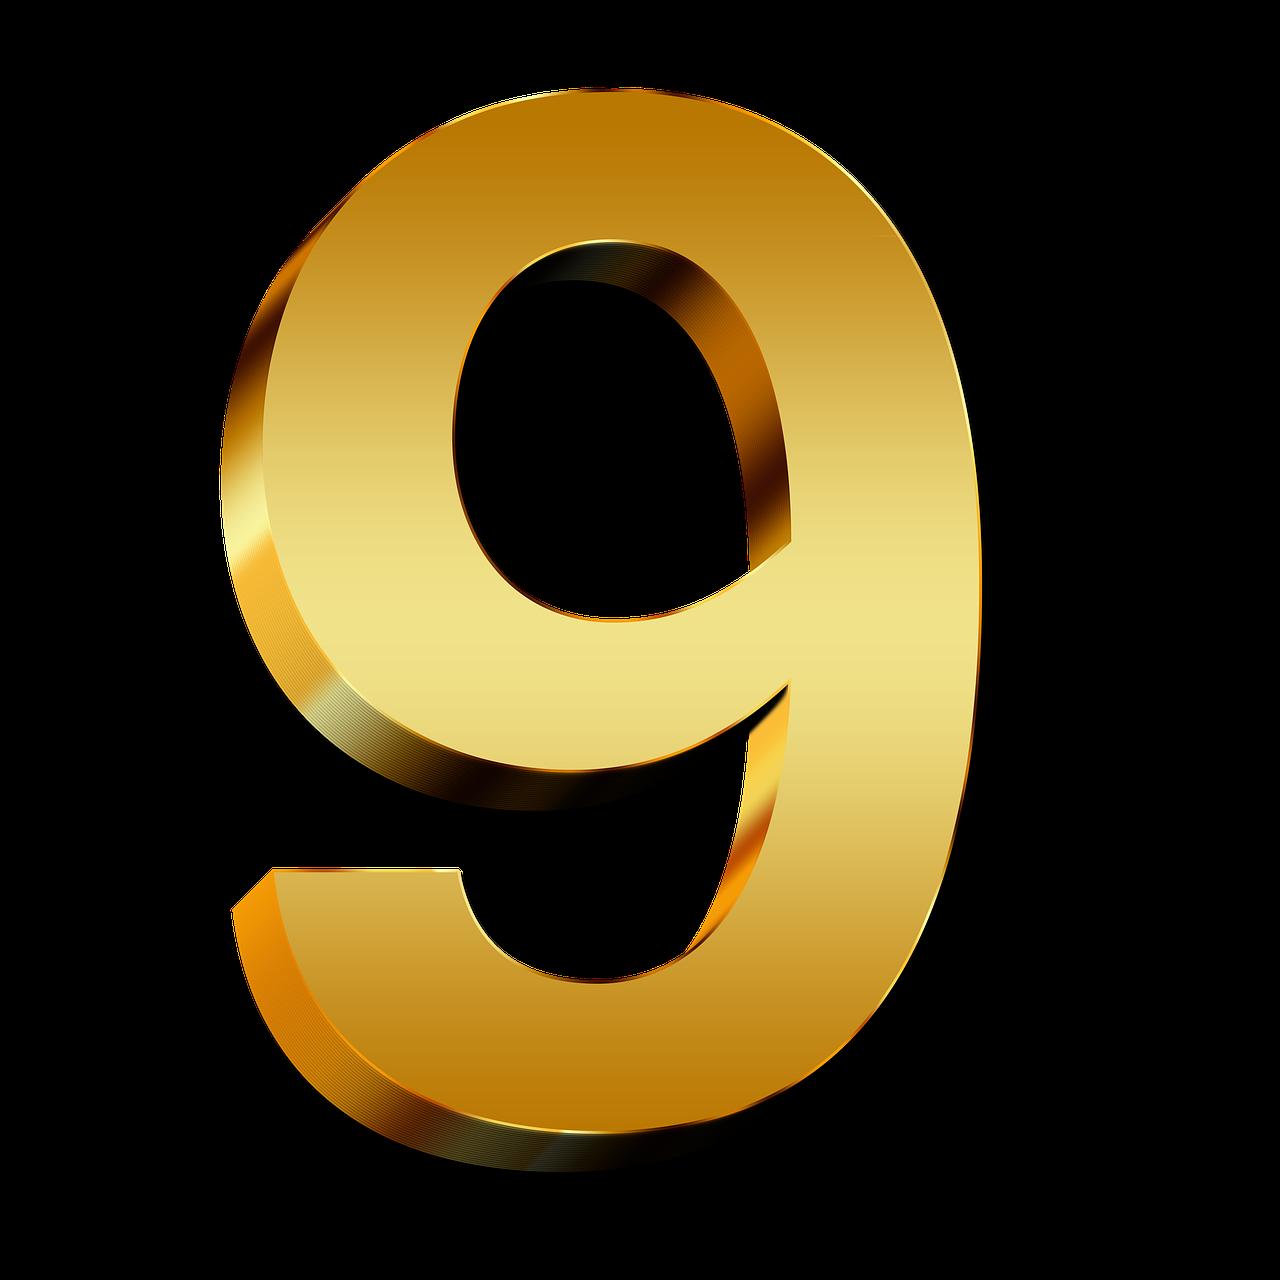 numeroloski broj